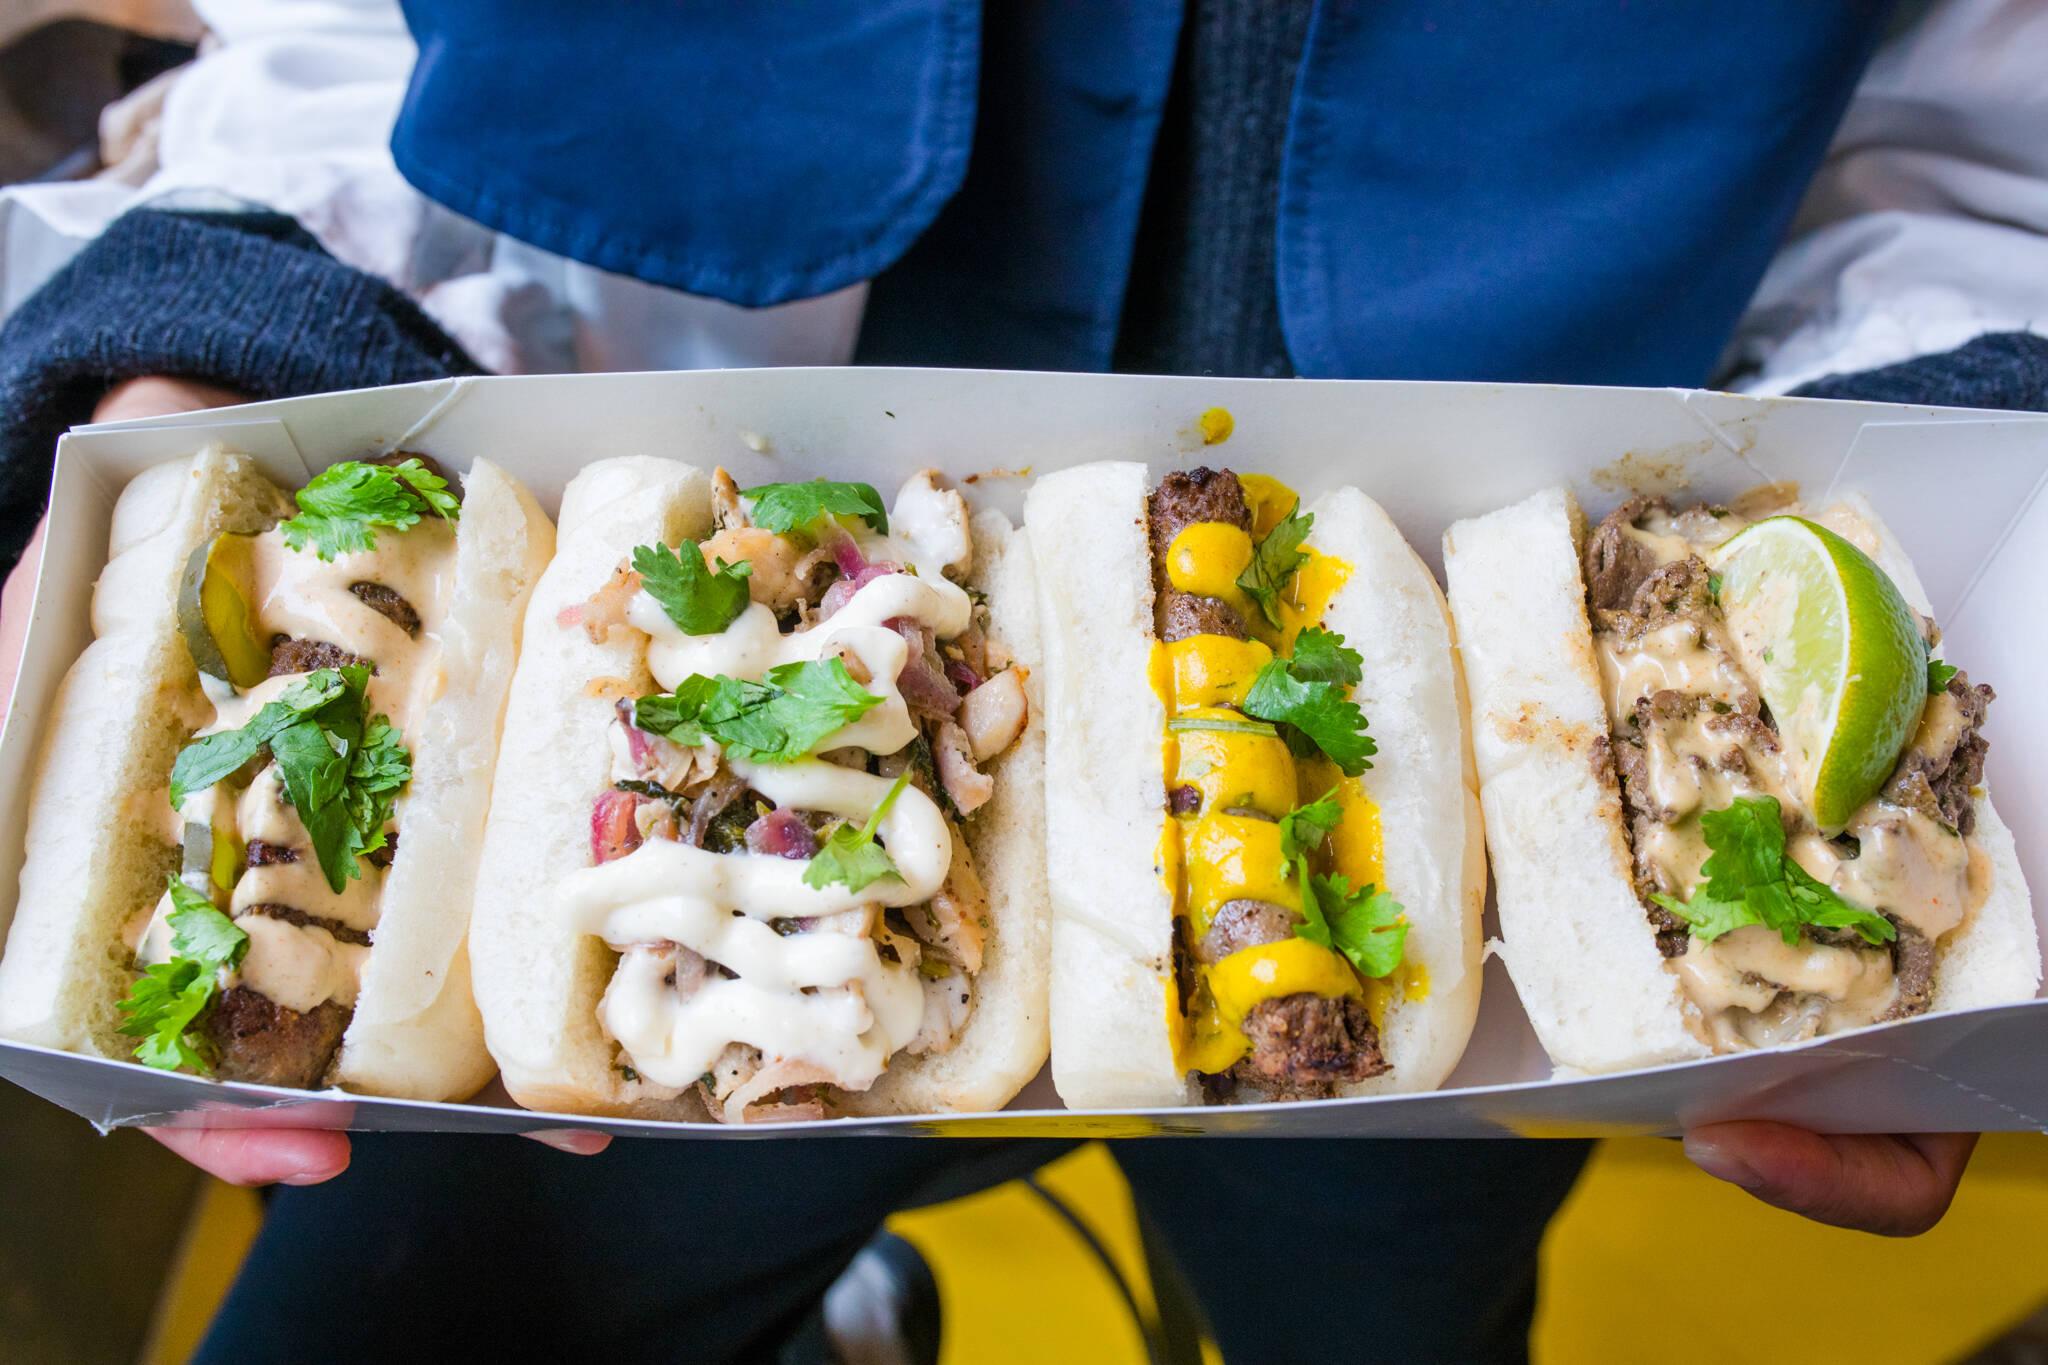 Tut S Egyptian Street Food Blogto Toronto